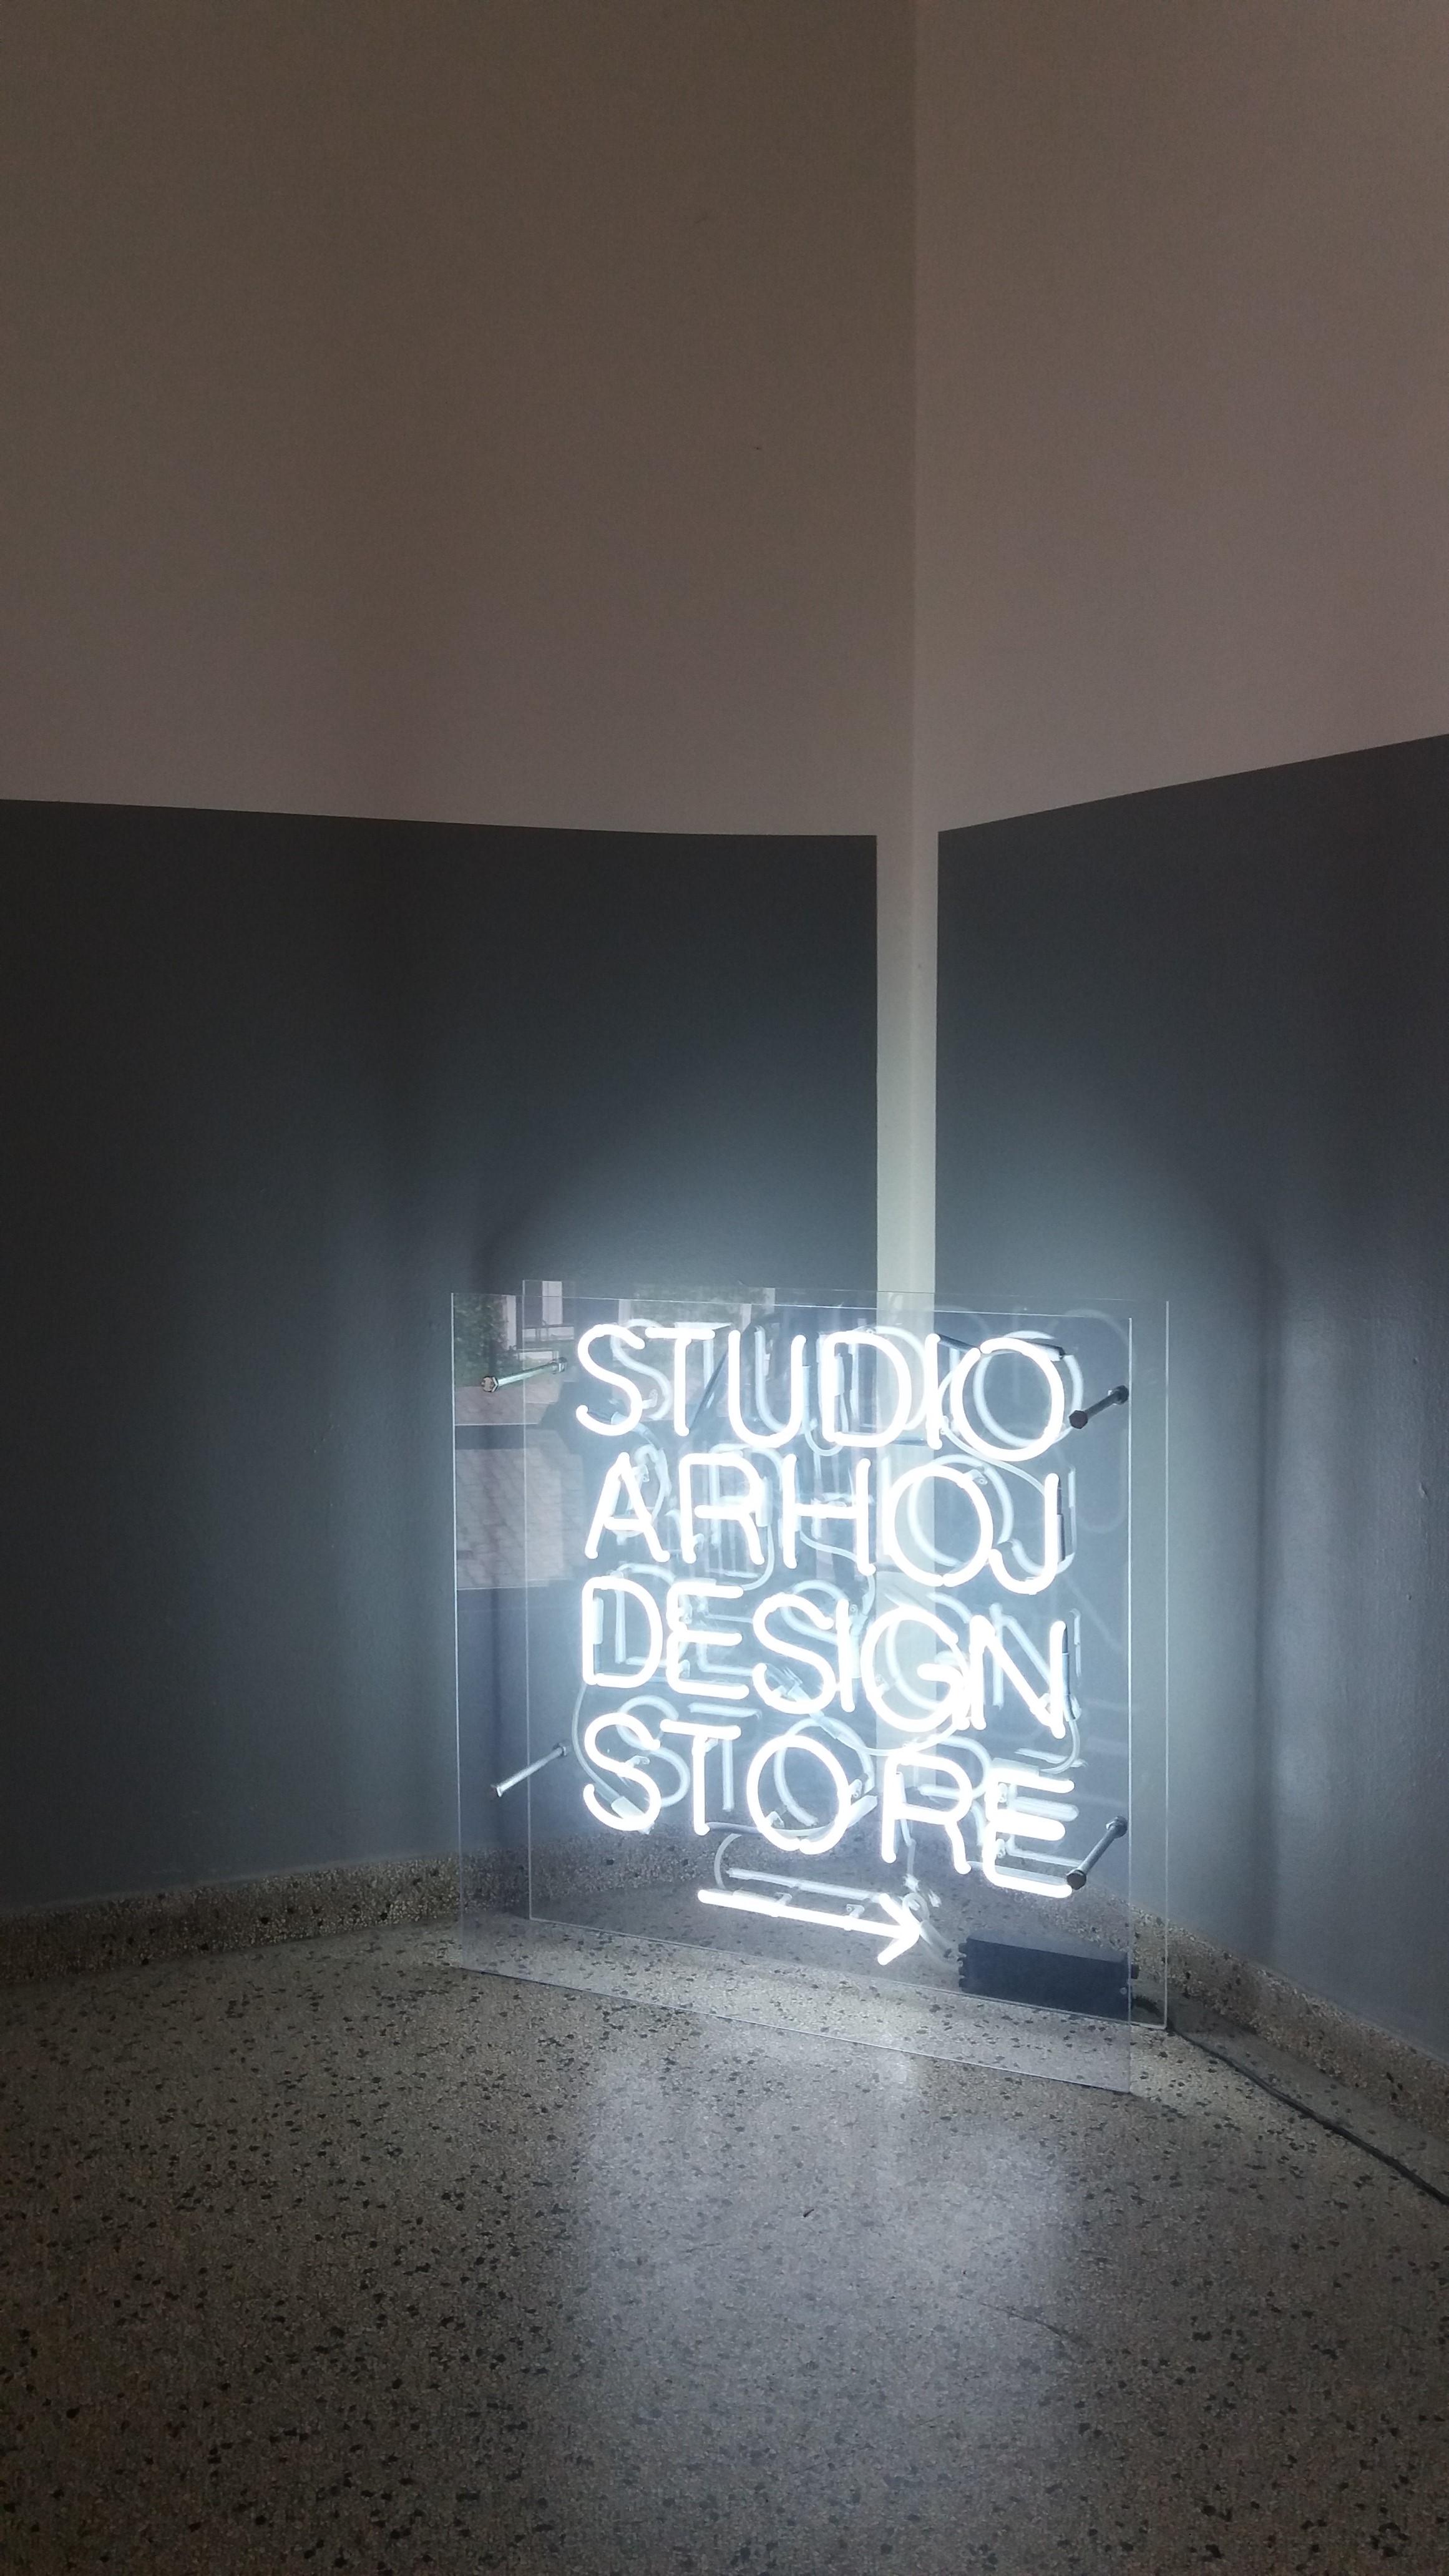 Estudios de cerámica - y tiendas de diseño